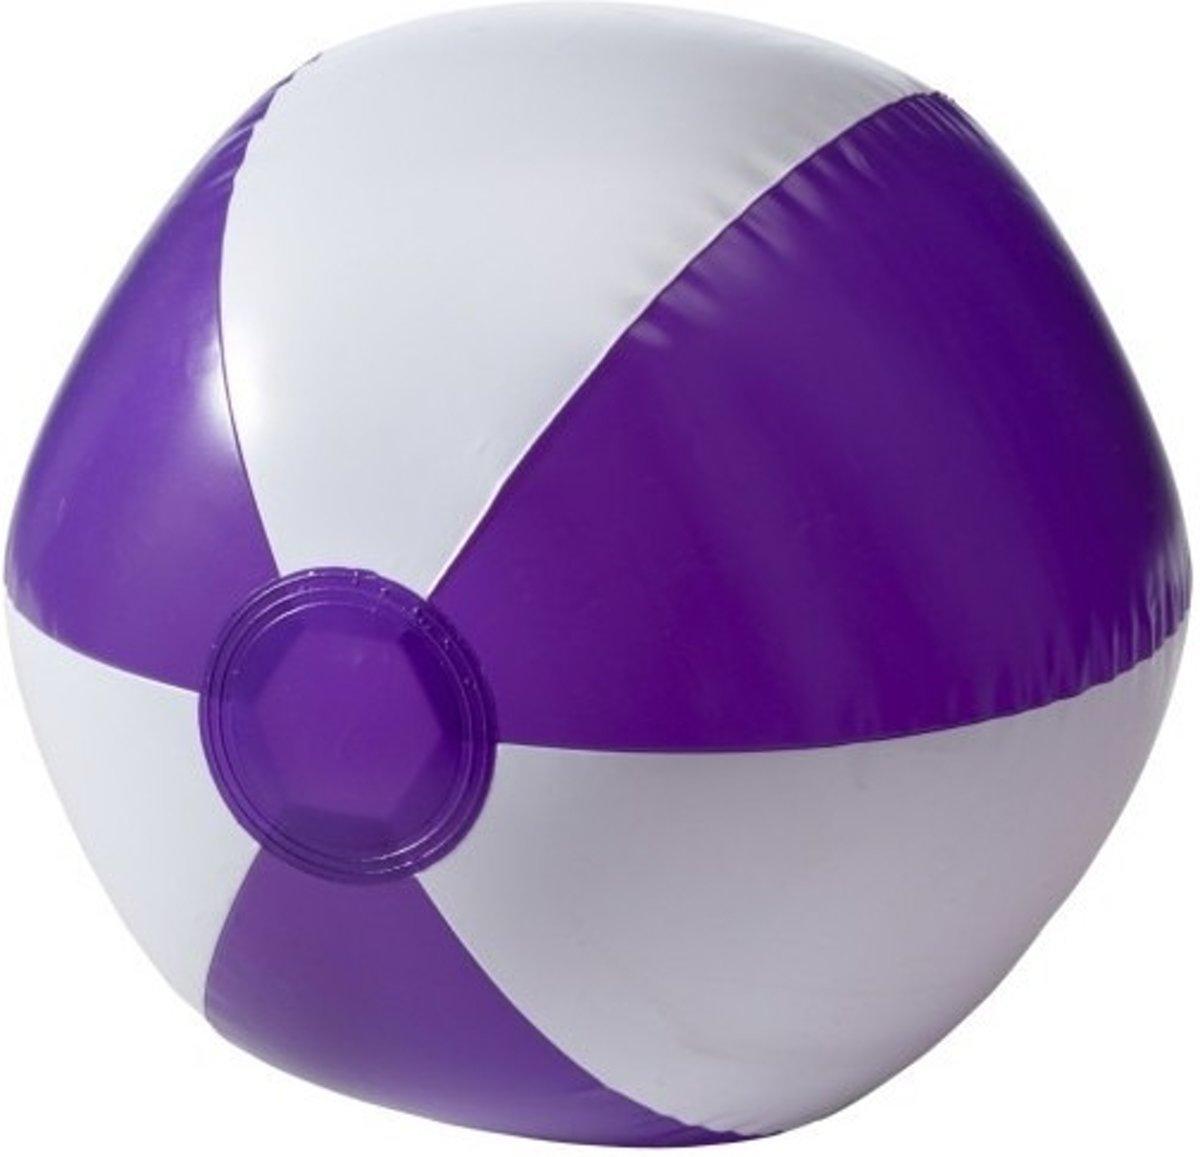 Opblaasbare speelgoed strandbal paars 26 cm - Strandballen - Buiten speelgoed - Strand speelgoed